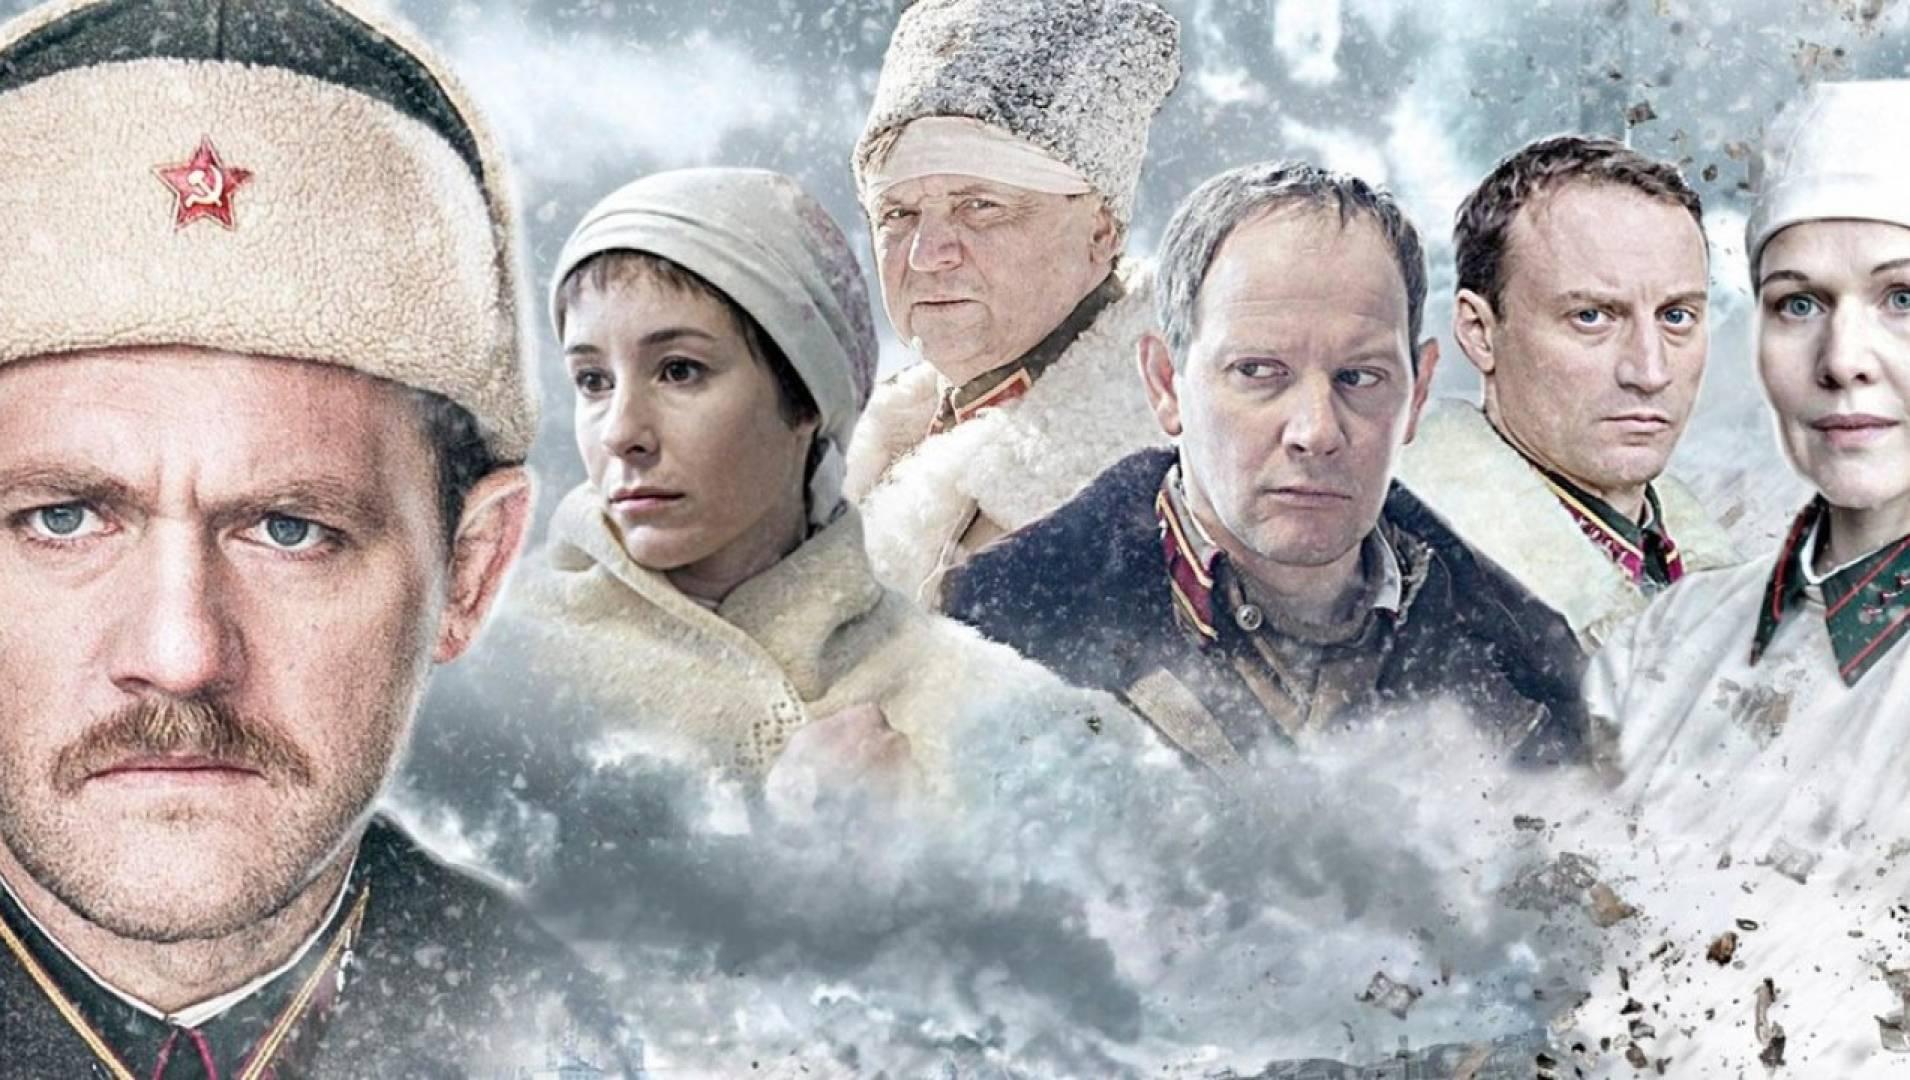 Снег и пепел - Военный, Фильм